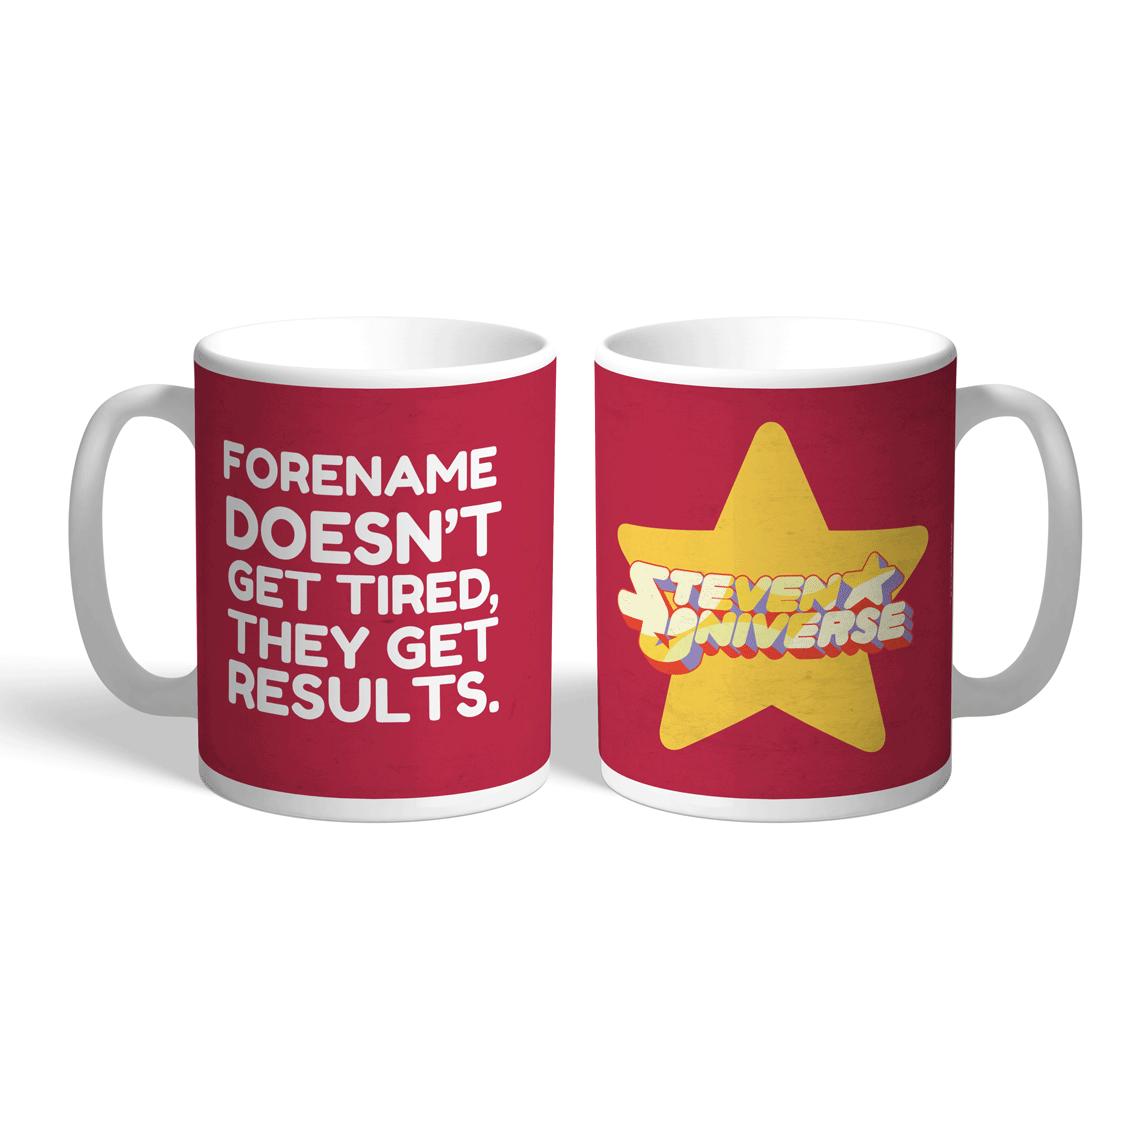 Steven Universe Get Results Mug